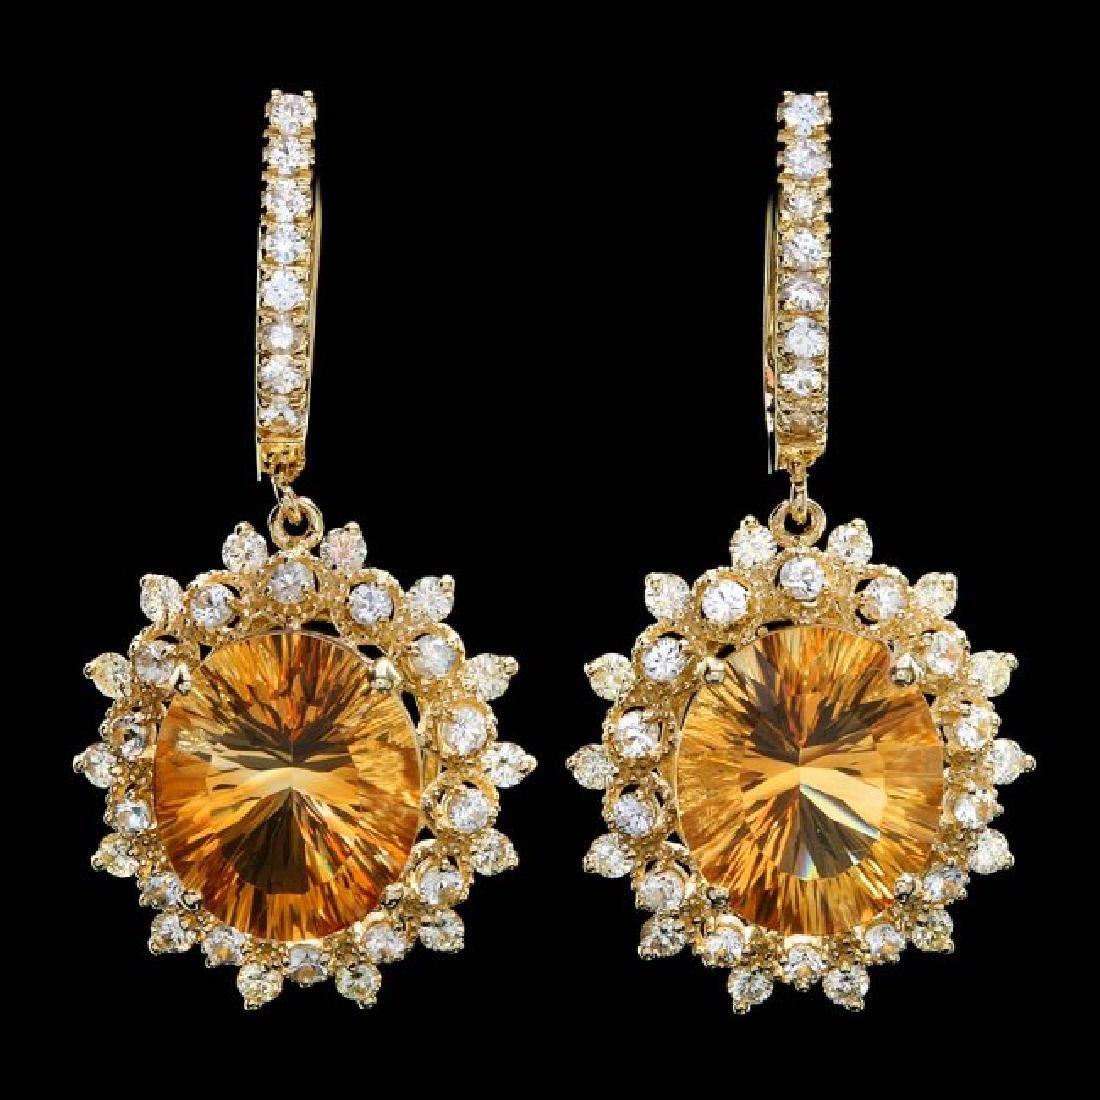 14k Gold 10.00ct Citrine 2.00ct Diamond Earrings